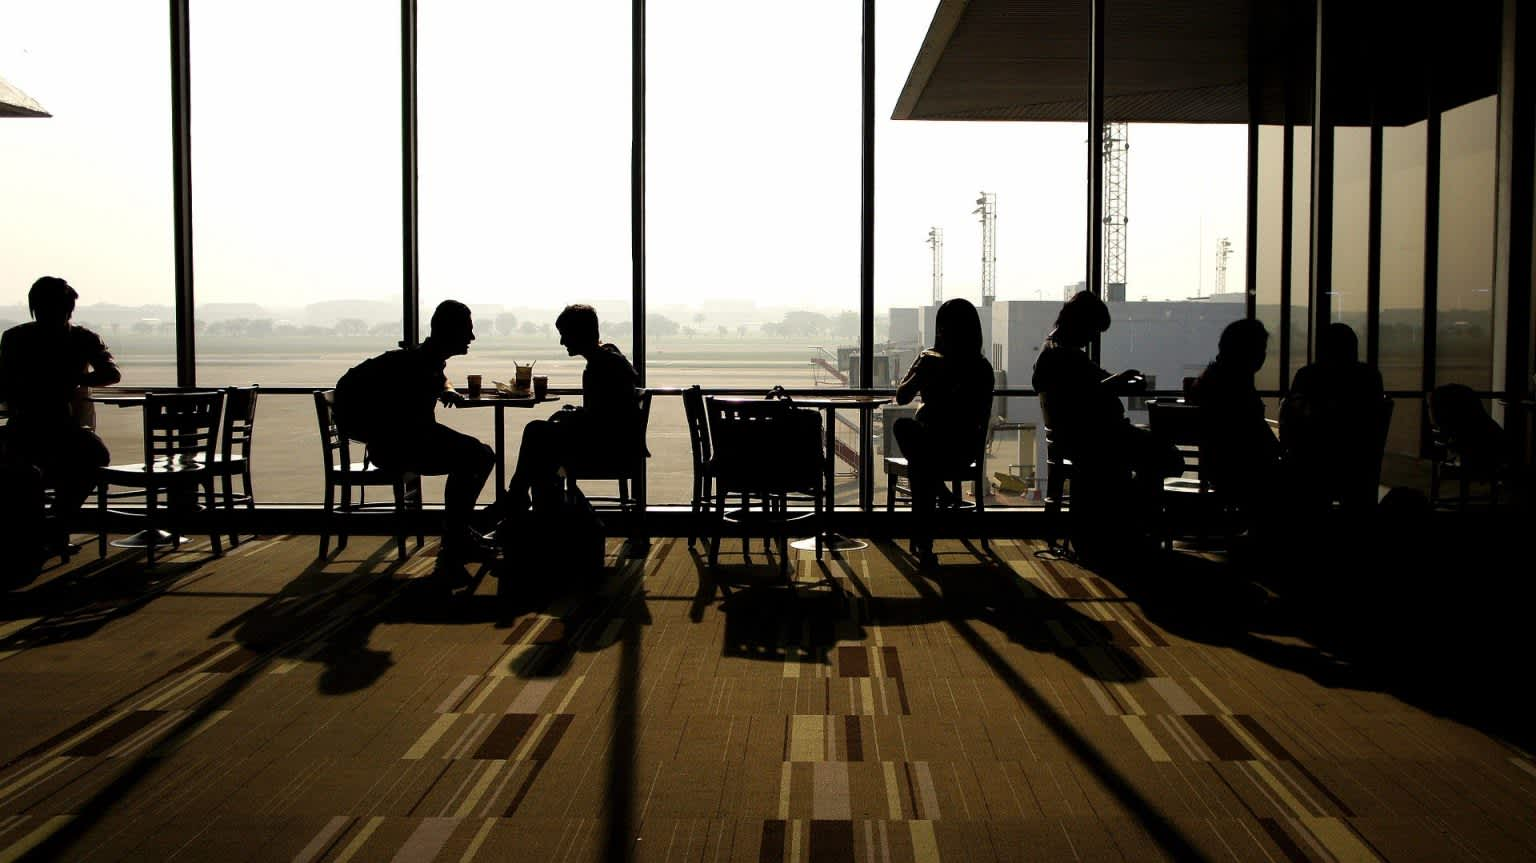 Qué hacer en un aeropuerto: Tips y consejos